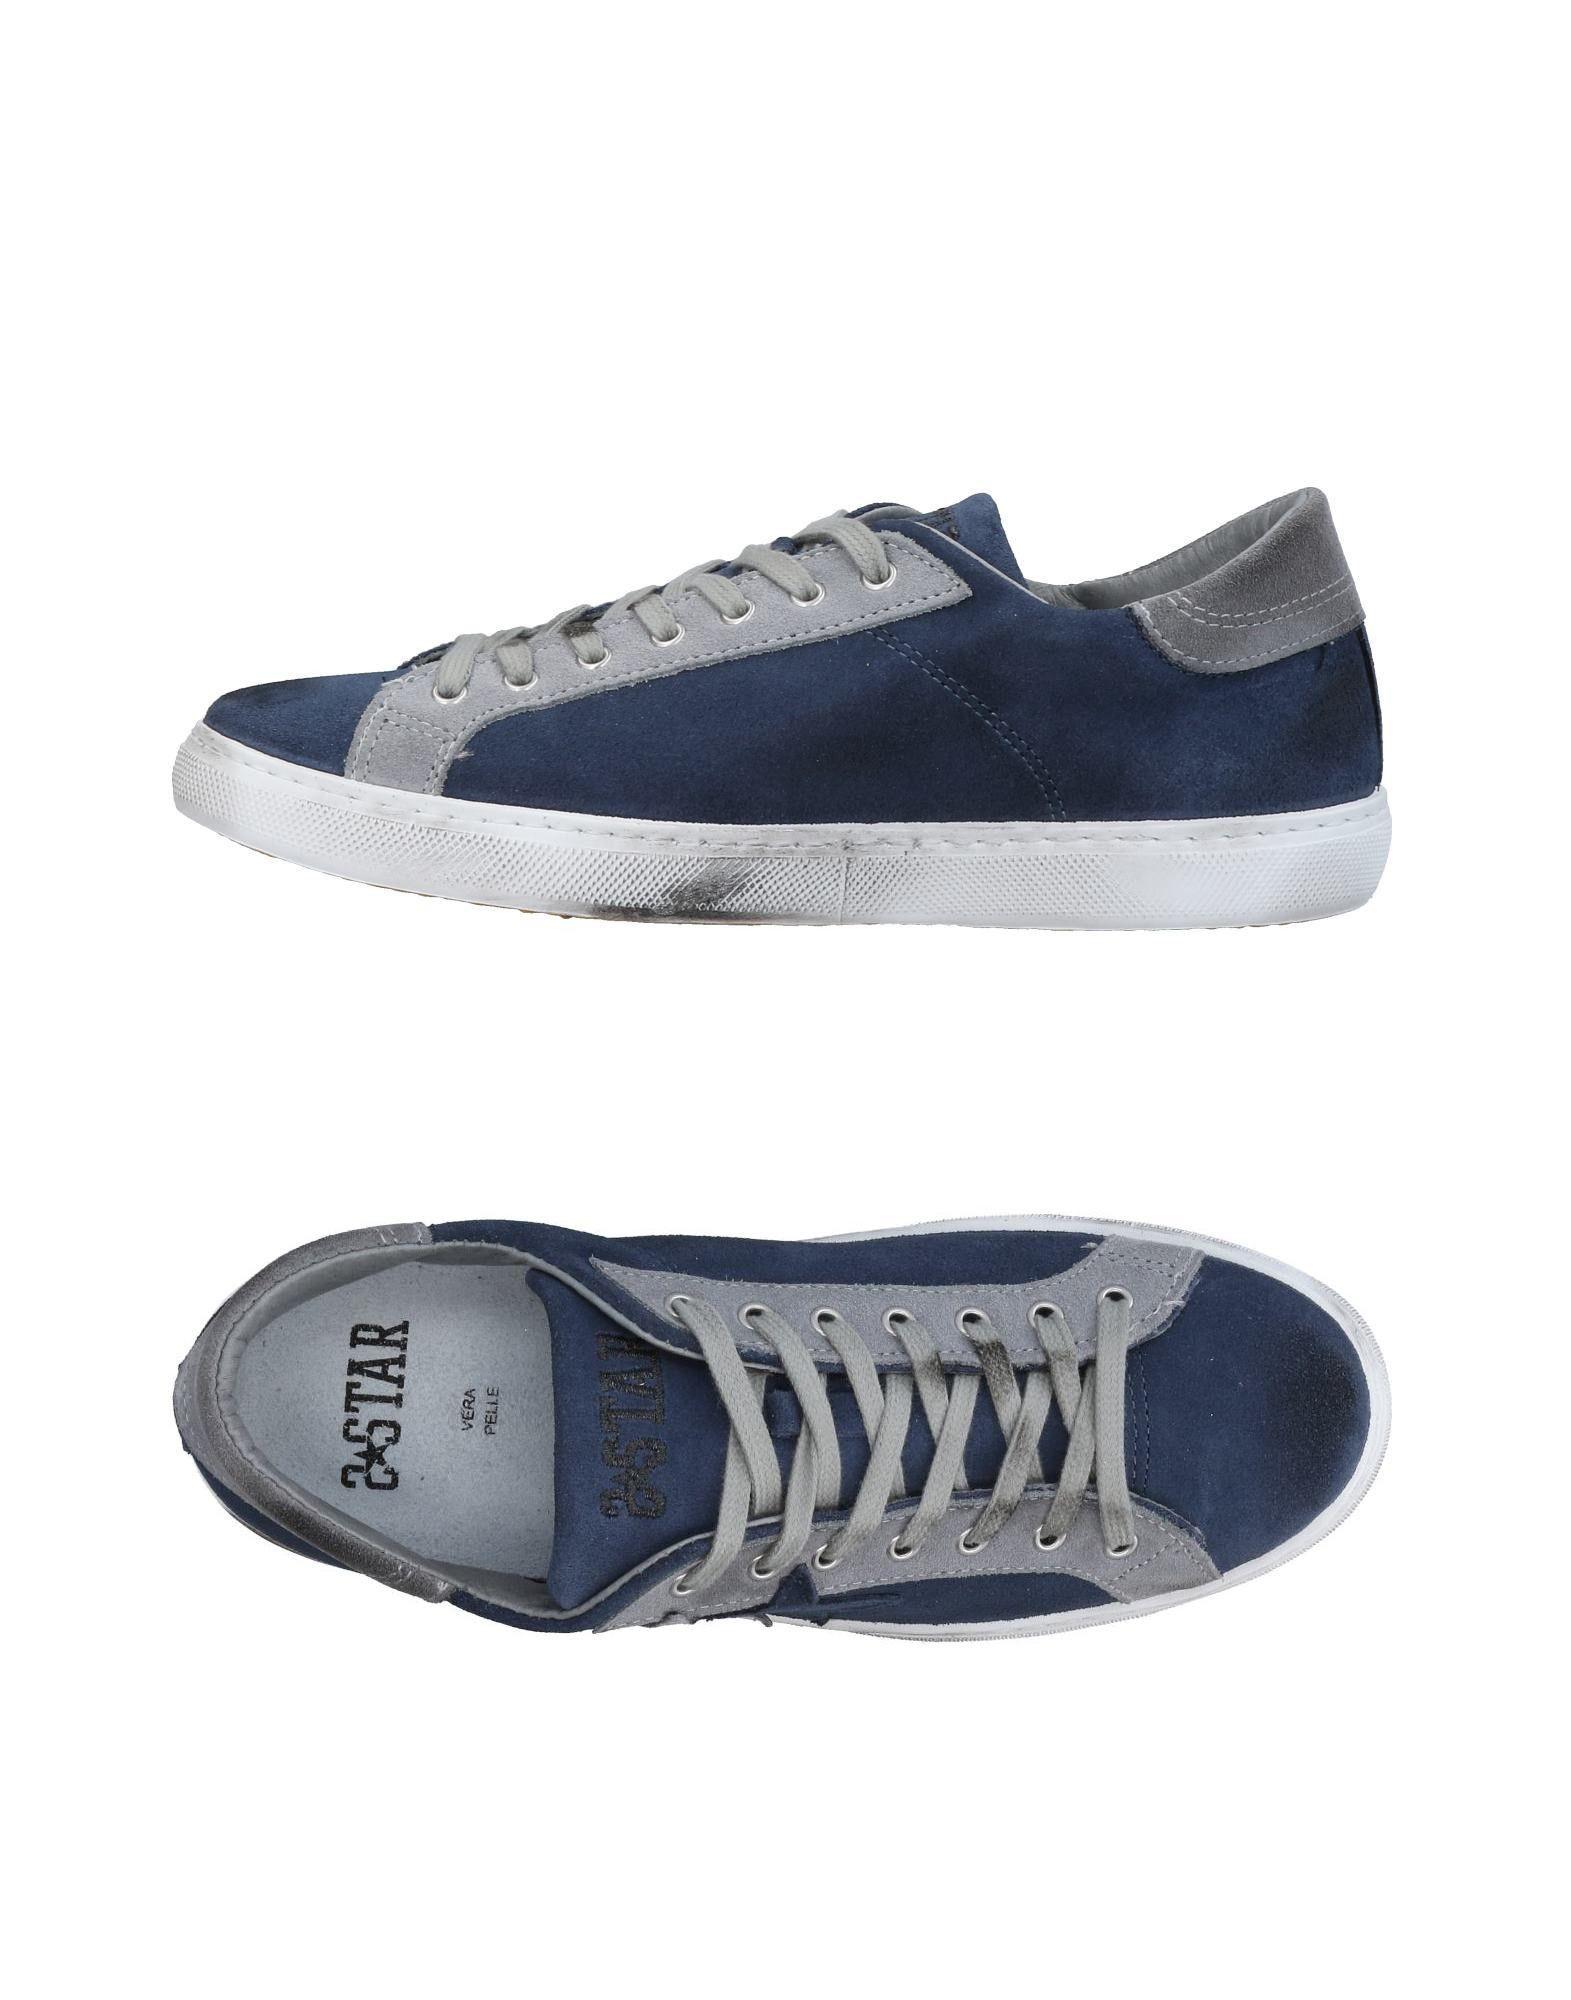 Baskets 2Star Homme - Baskets 2Star  Bleu pétrole Dernières chaussures discount pour hommes et femmes